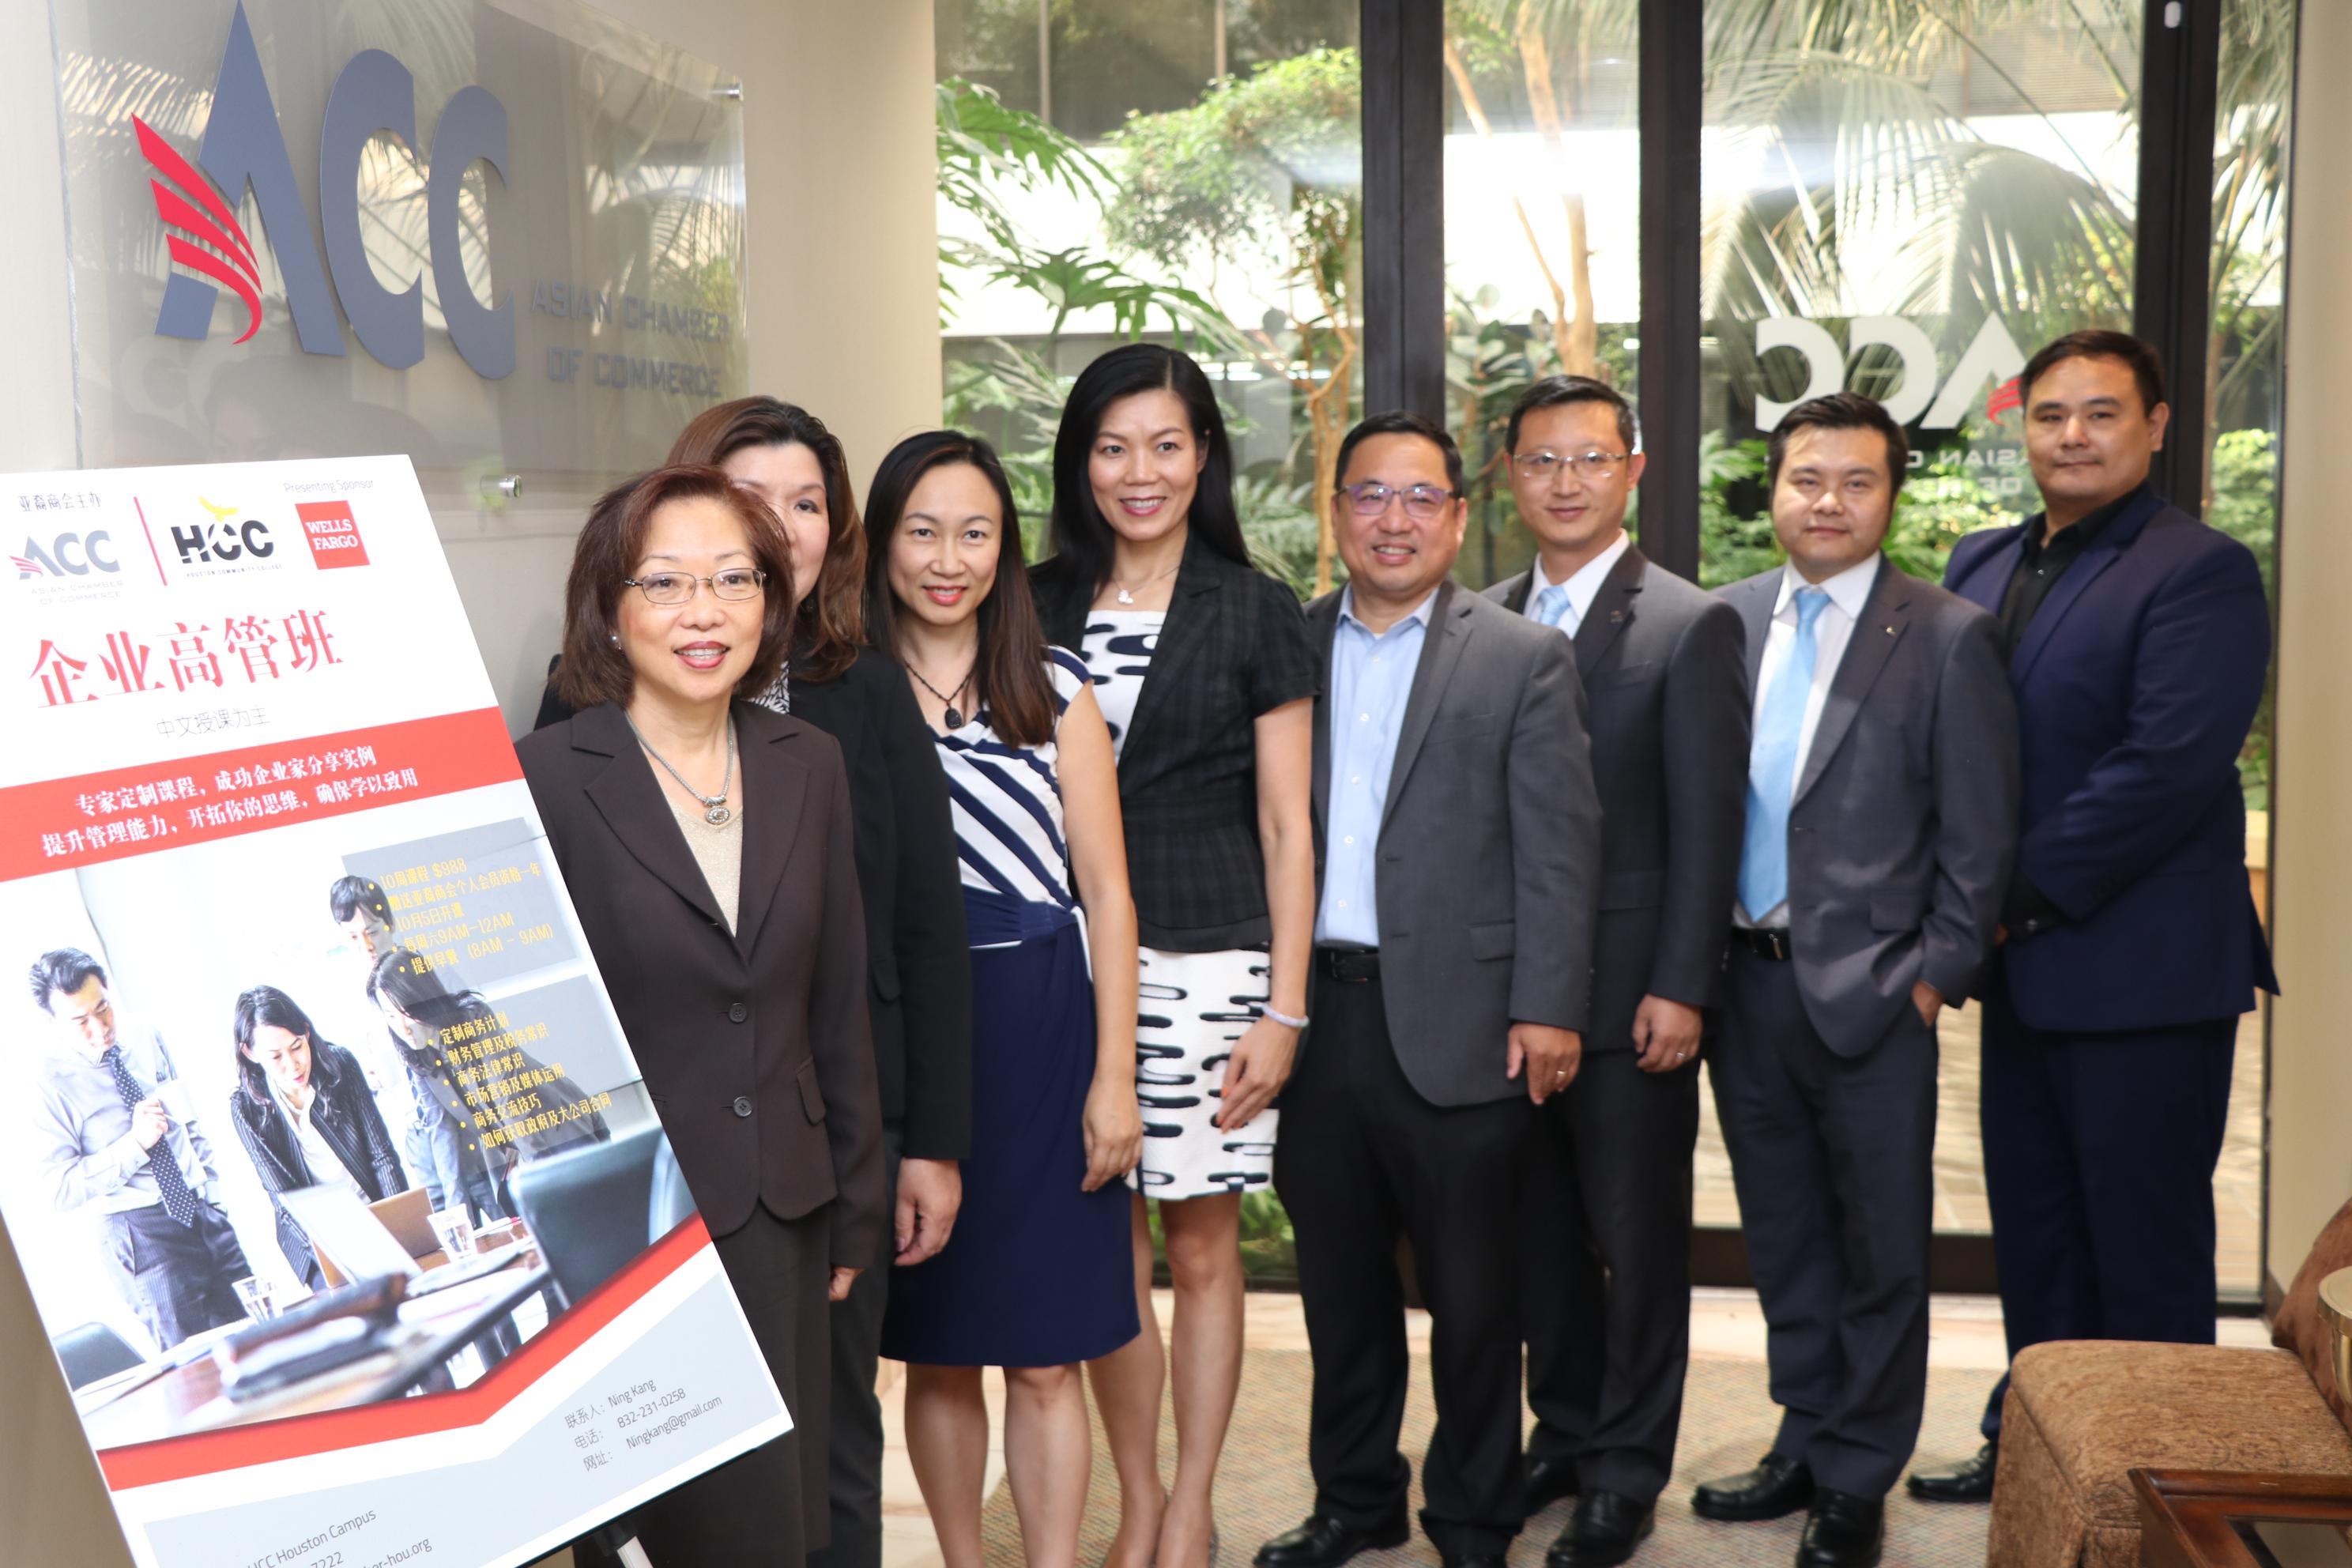 由亞裔商會主辦的2019期企業家和管理人員中文培訓班即將開課,多位前期學員都加入服務行列。(記者封昌明/攝影)